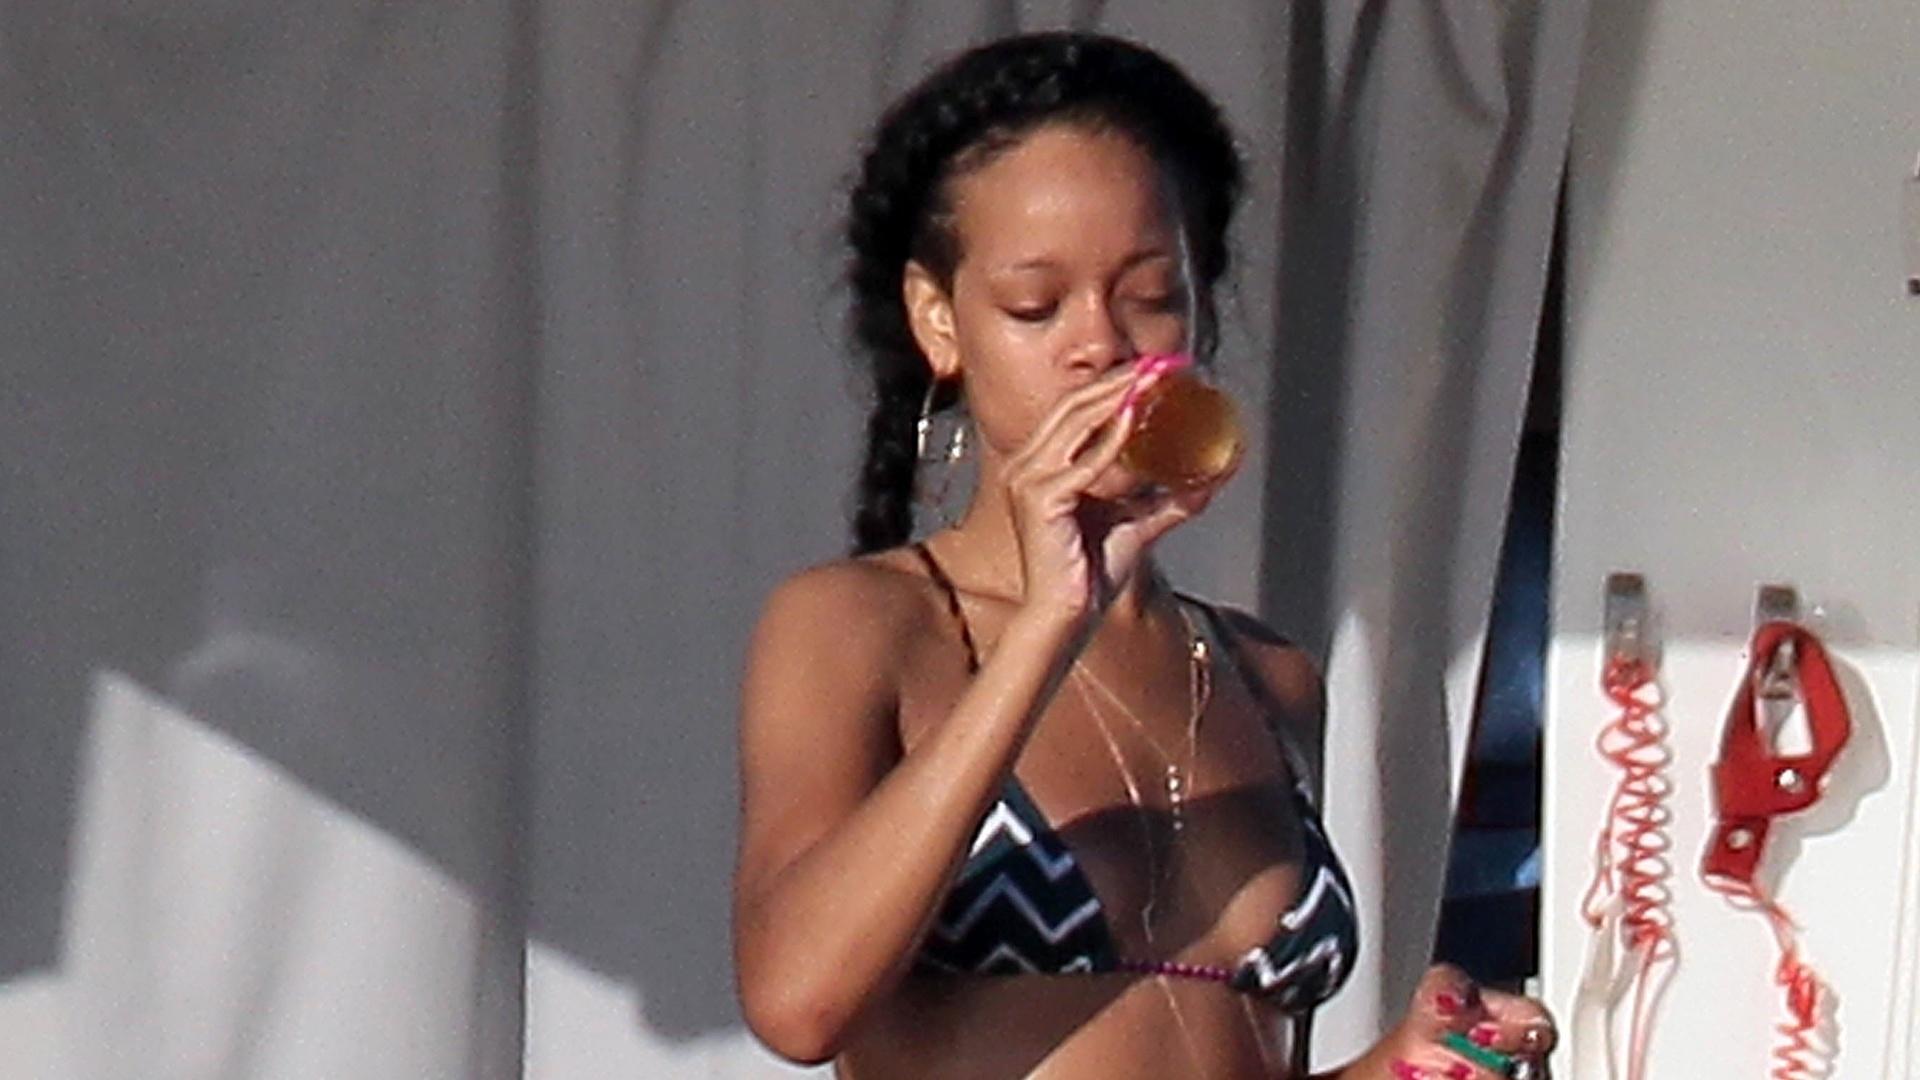 Cantora Rihanna se refresca em Saint Tropez, na França. Rihanna passeou de jet ski e deu muitas risadas ao lado dos amigos (20/7/12)